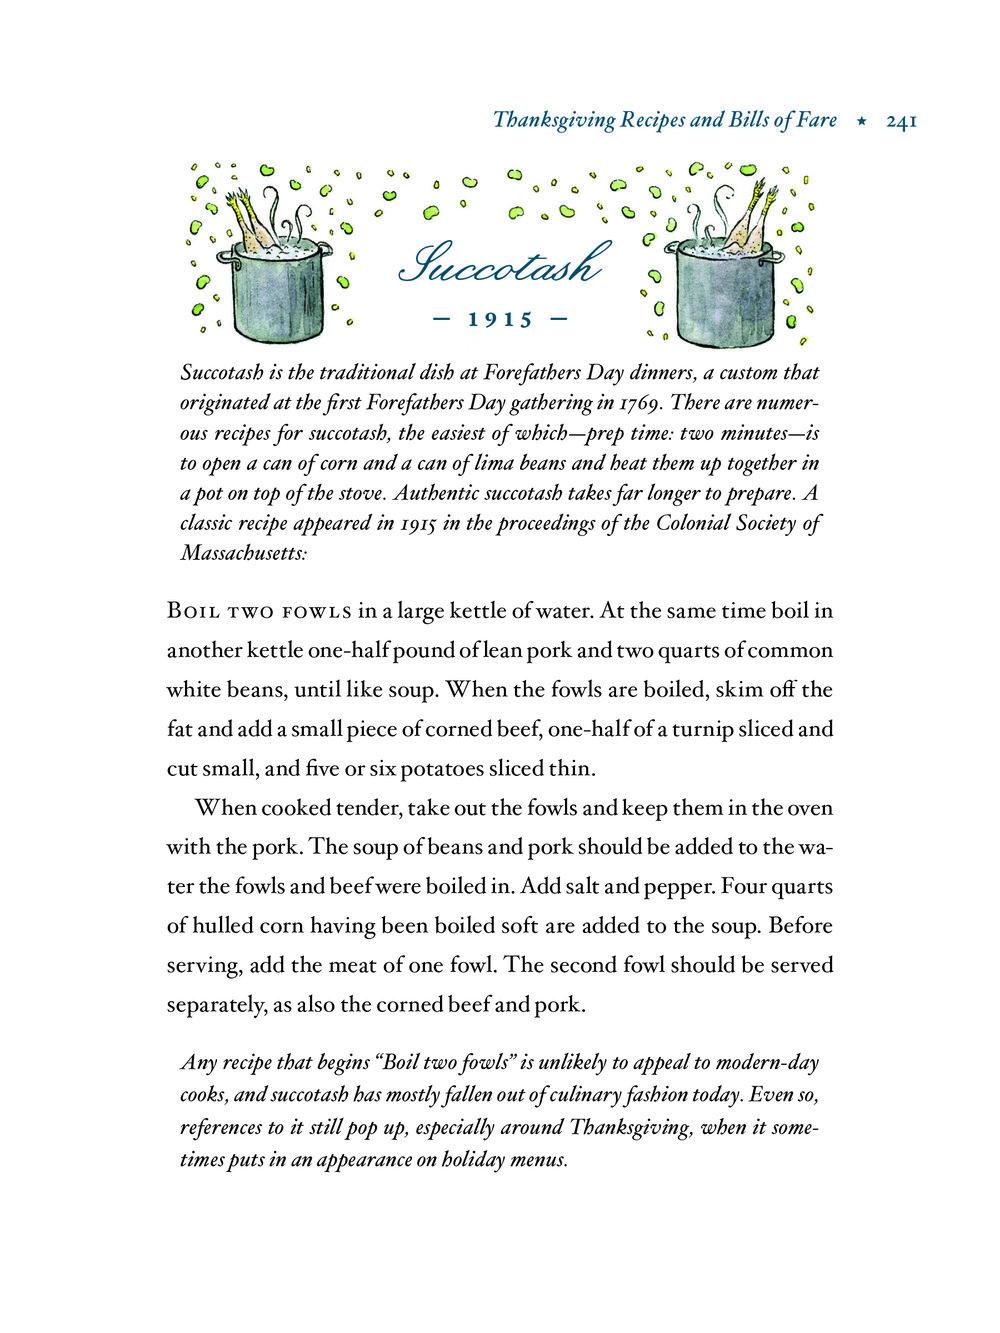 RecipesPag4.jpg